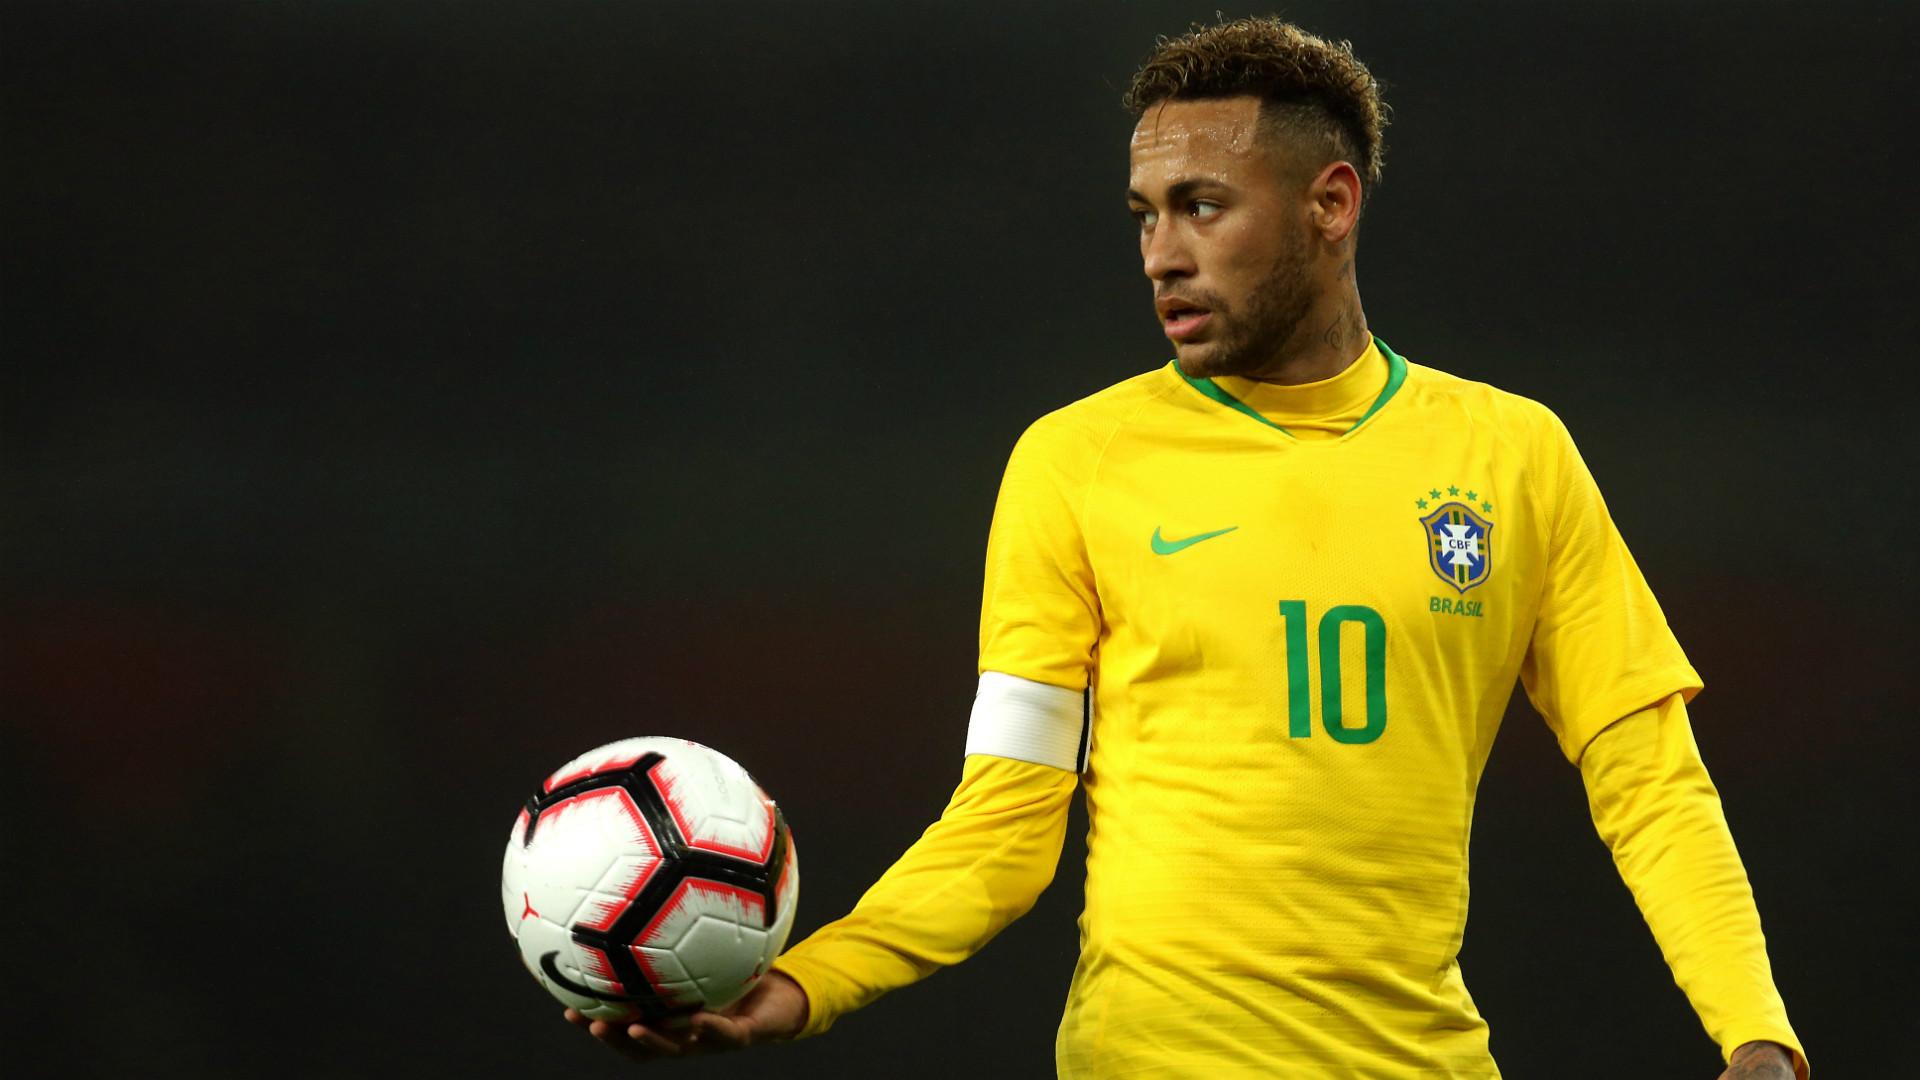 Brésil - Neymar destitué du rôle de capitaine par Tite, Dani Alves récupère le brassard